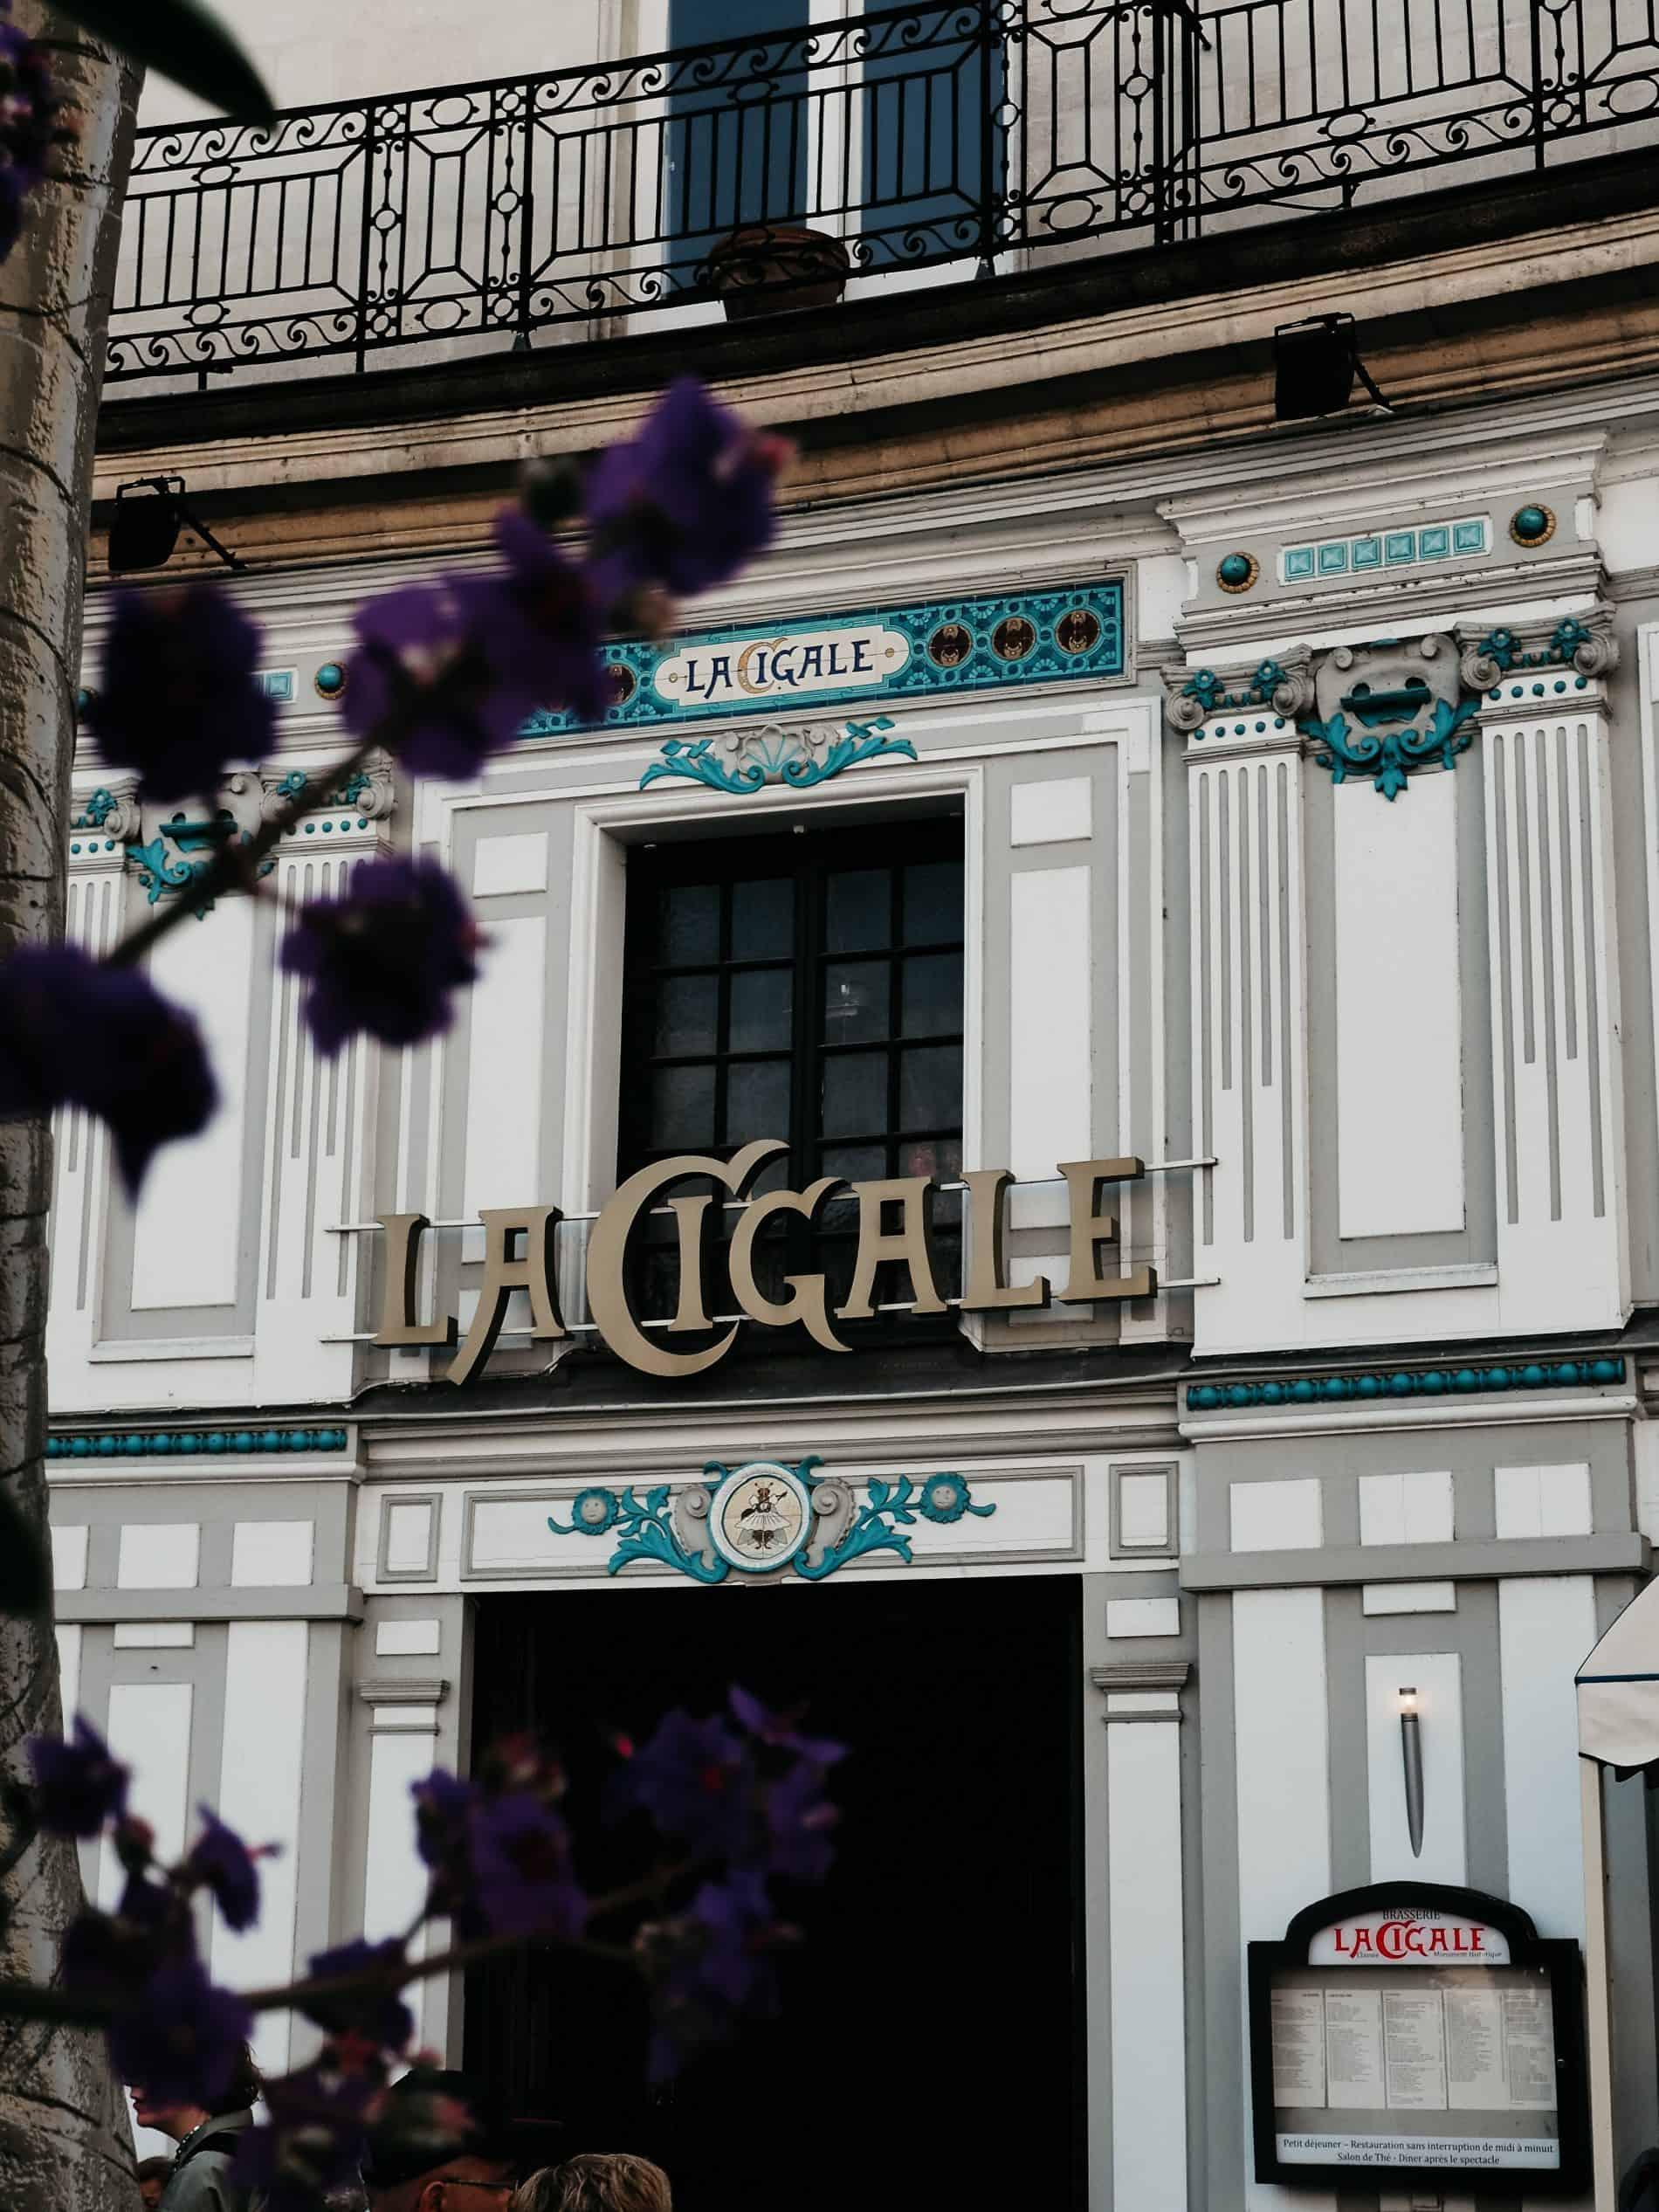 week-end à Nantes cityguide voyage France La Cigale